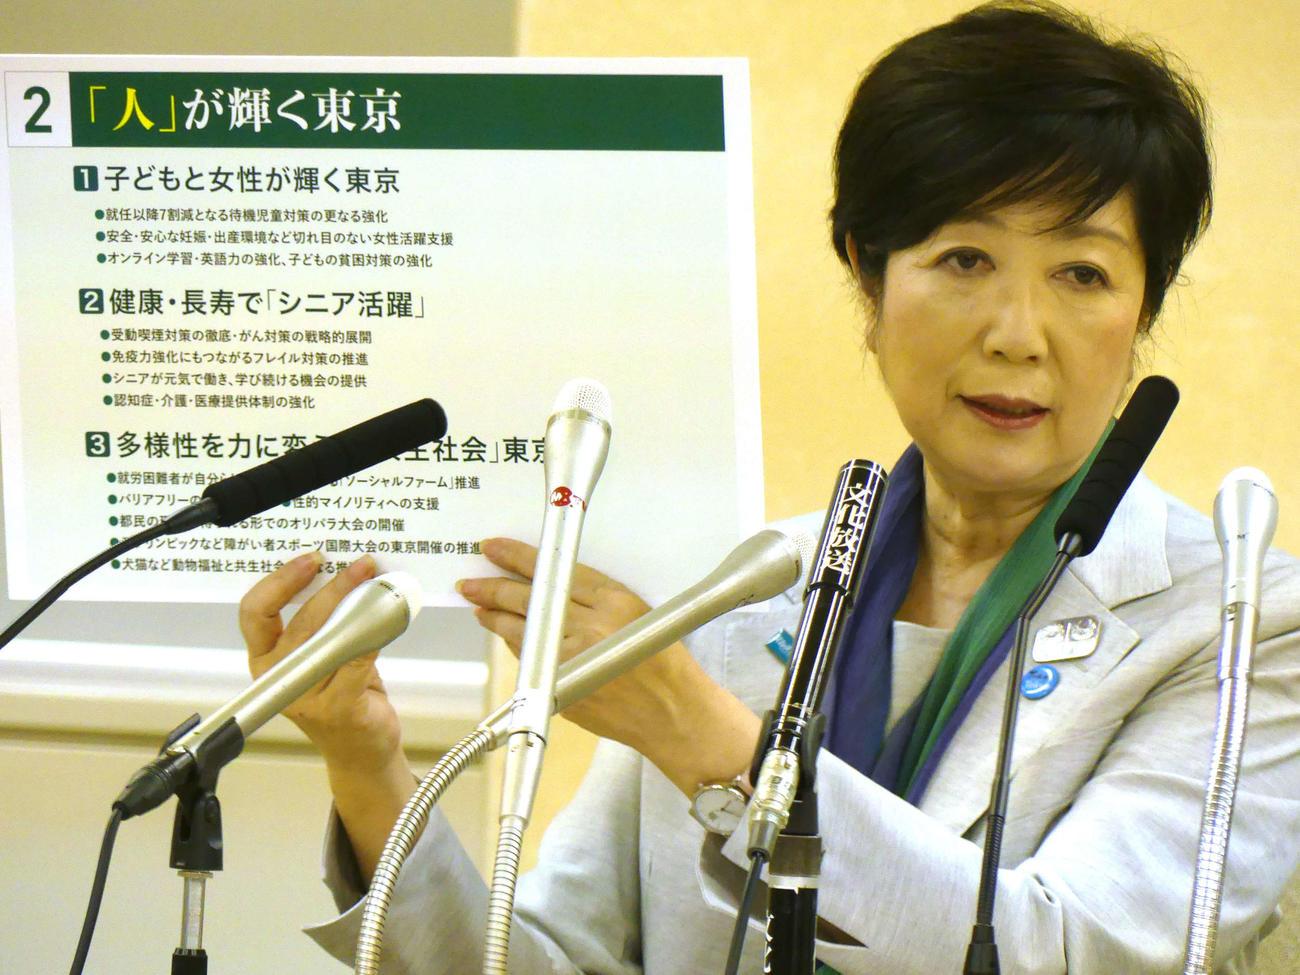 記者会見で都知事選の政策を発表した小池百合子都知事